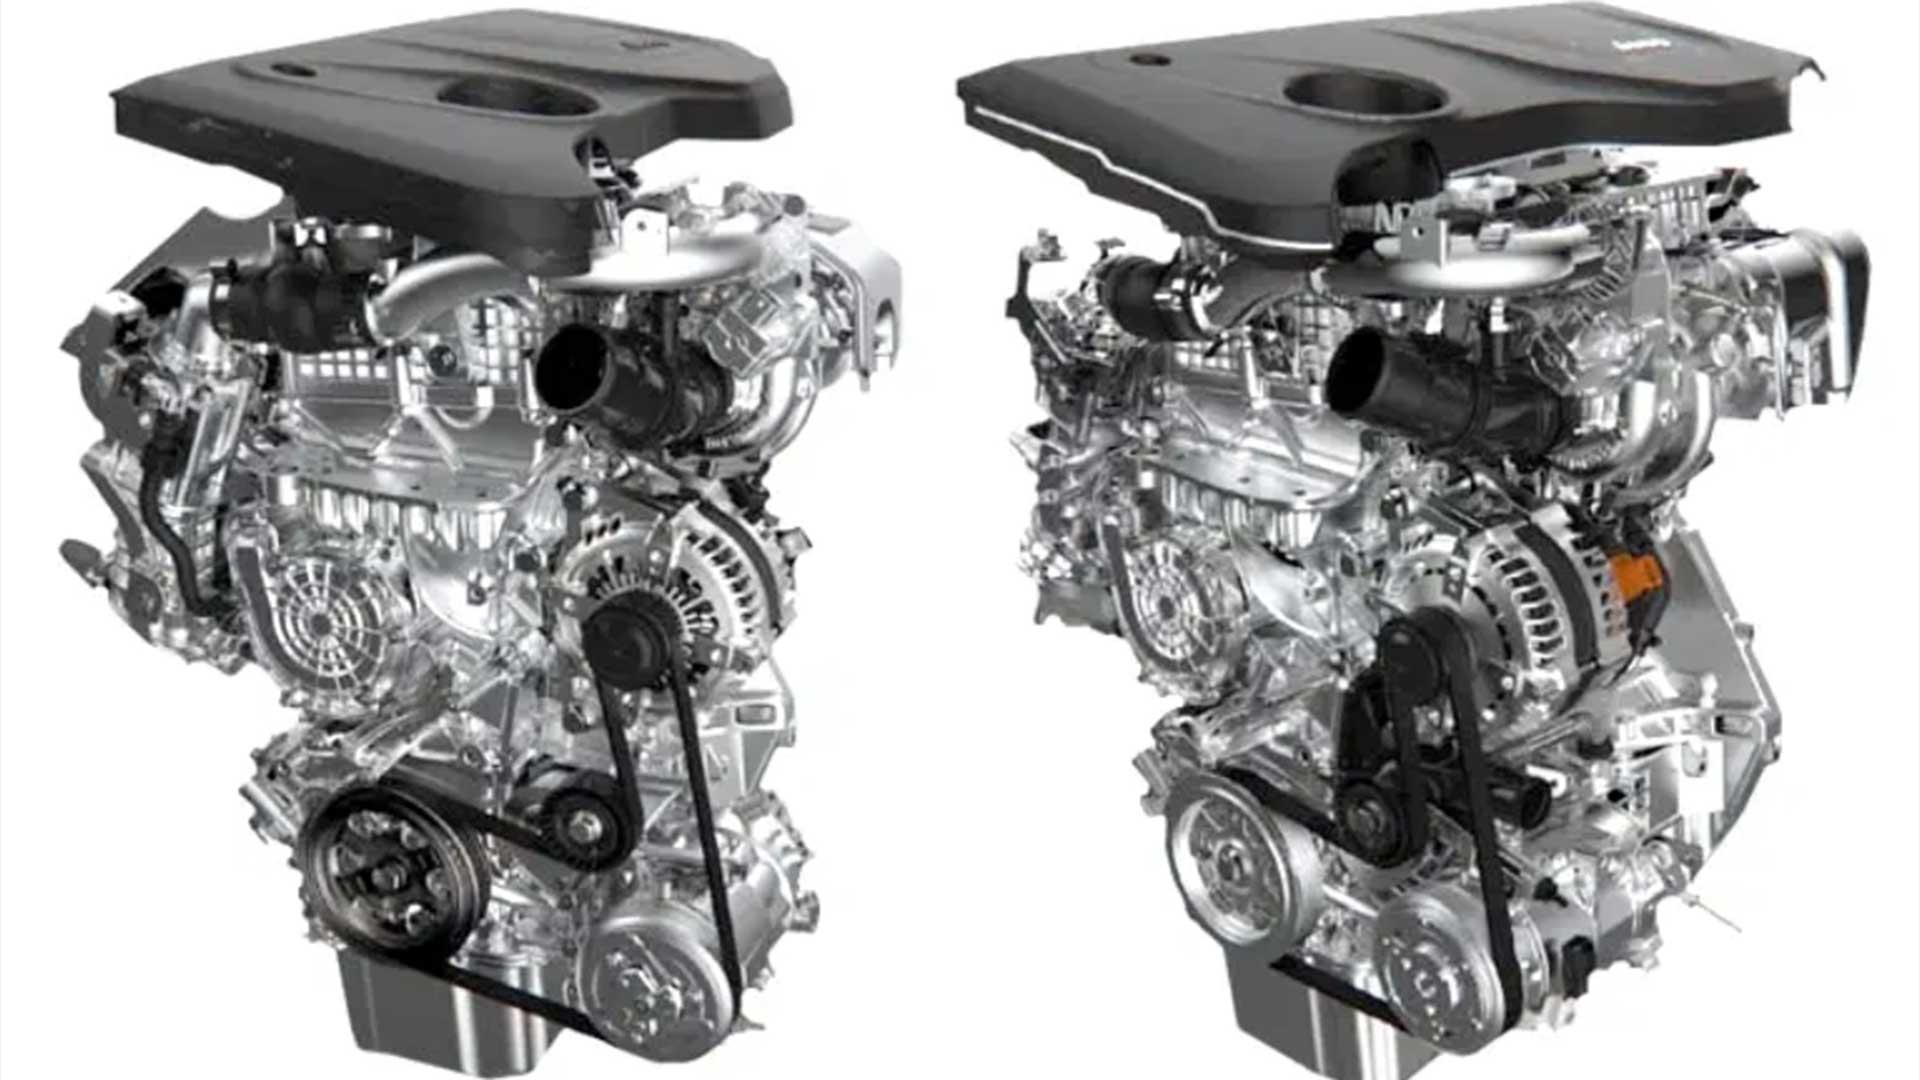 Motores Turbo da FCA são confirmados para outubro